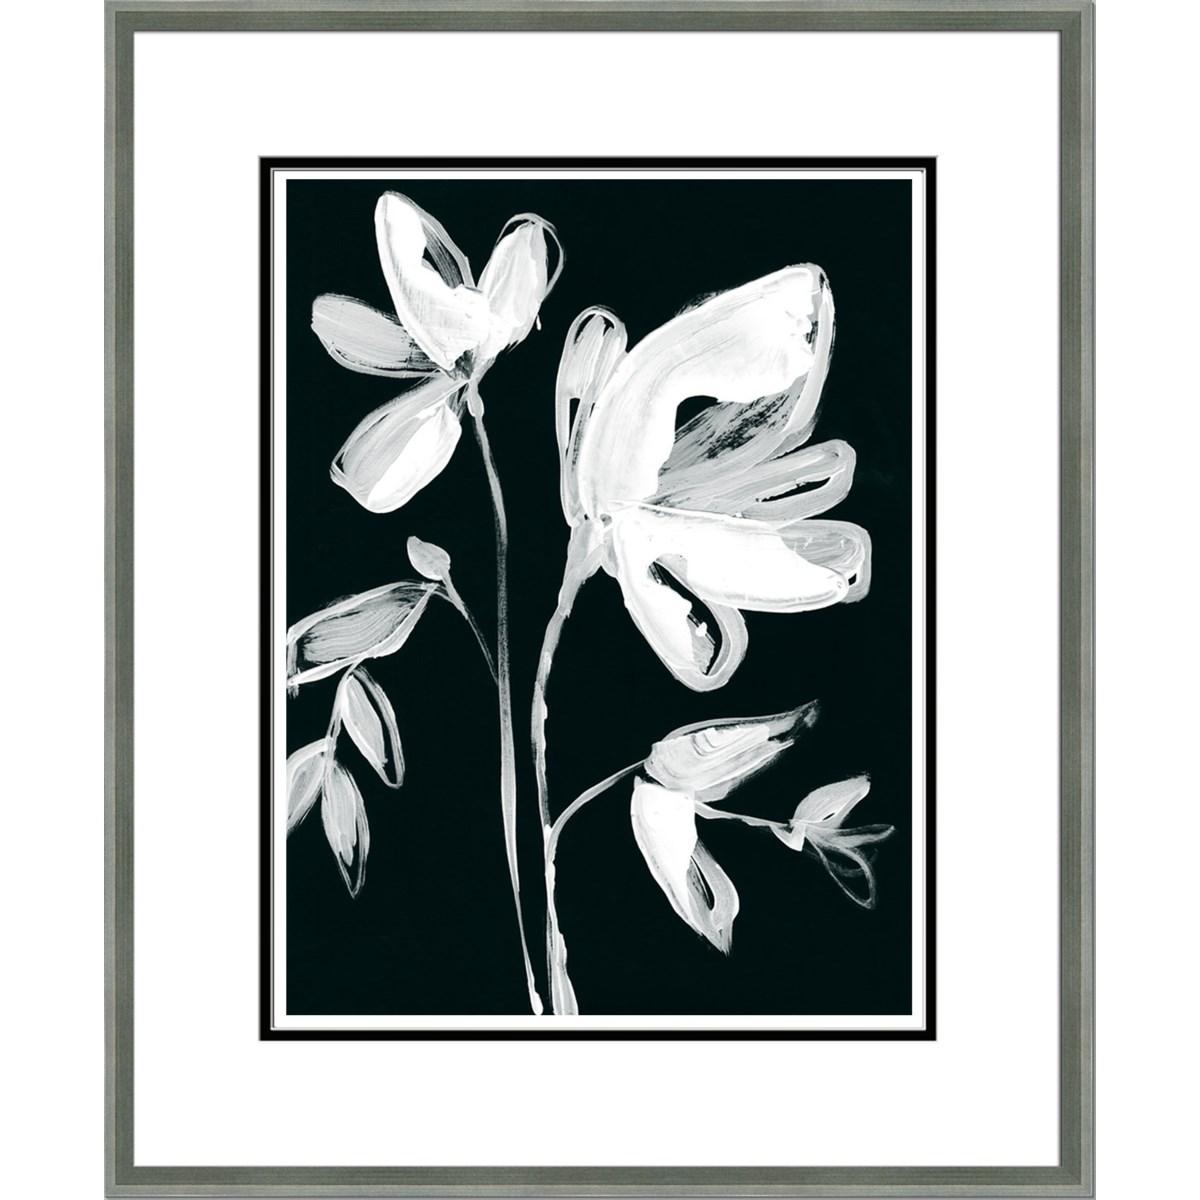 WHITE WHIMSICAL FLOWERS II